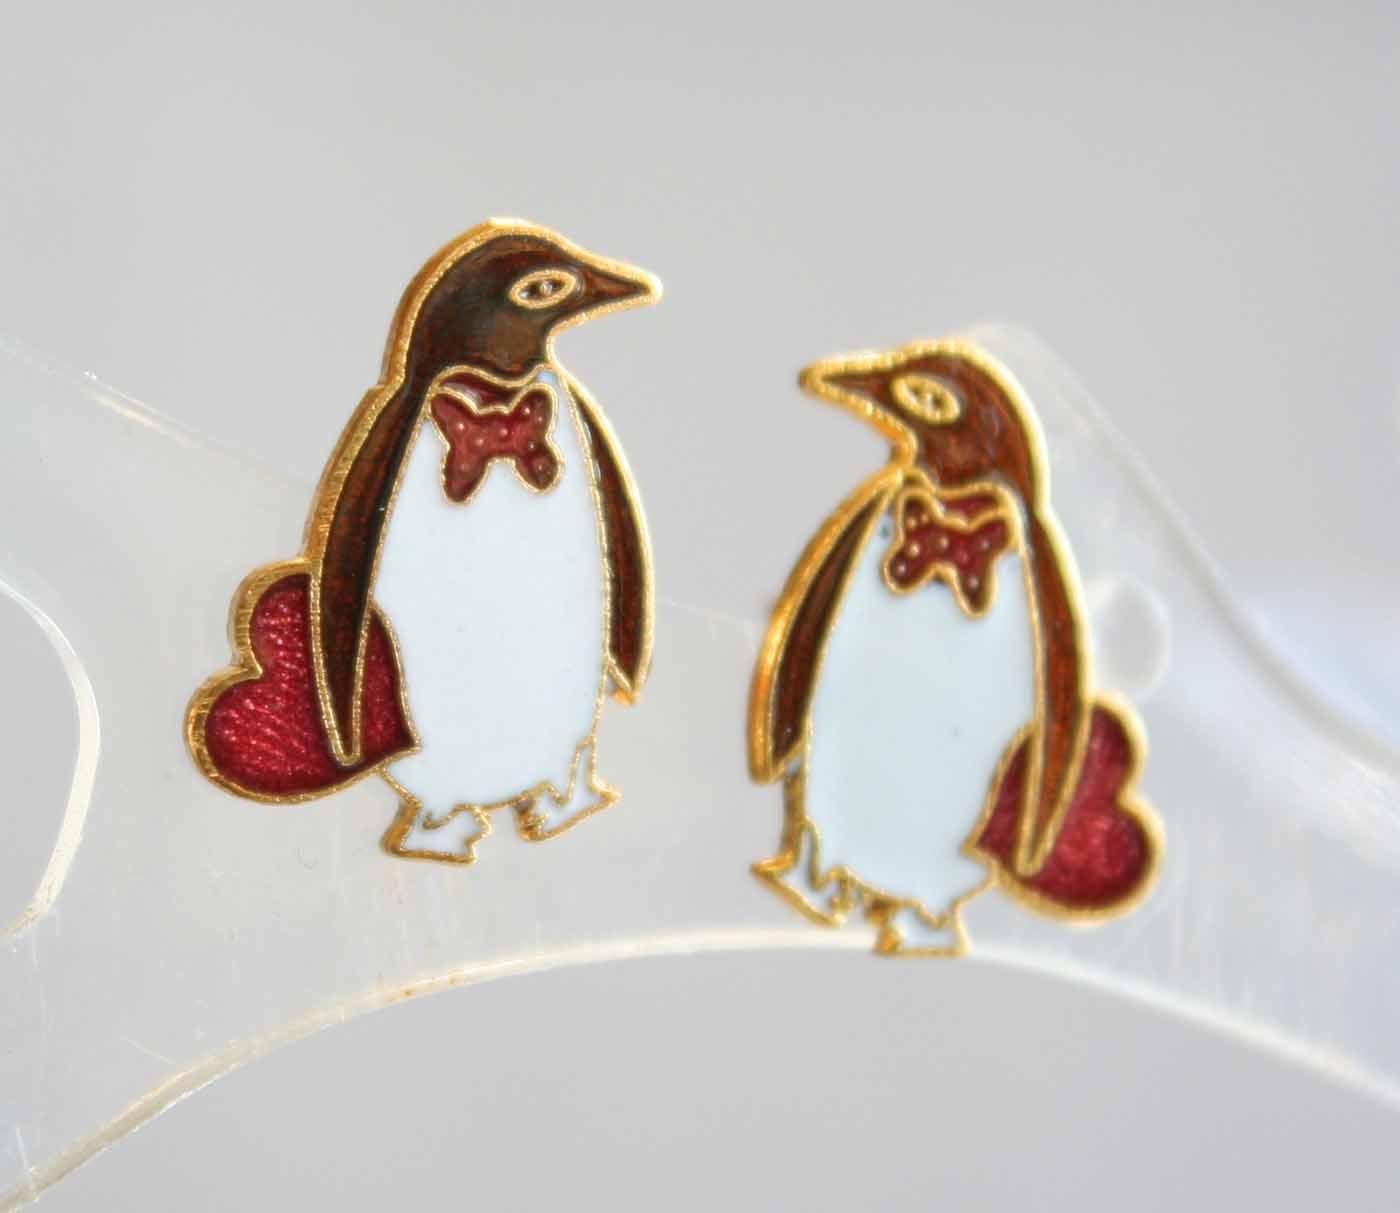 Cute Cloisonne Enamel Petite Penguin Pierced Earrings 1970s vintage - $9.95